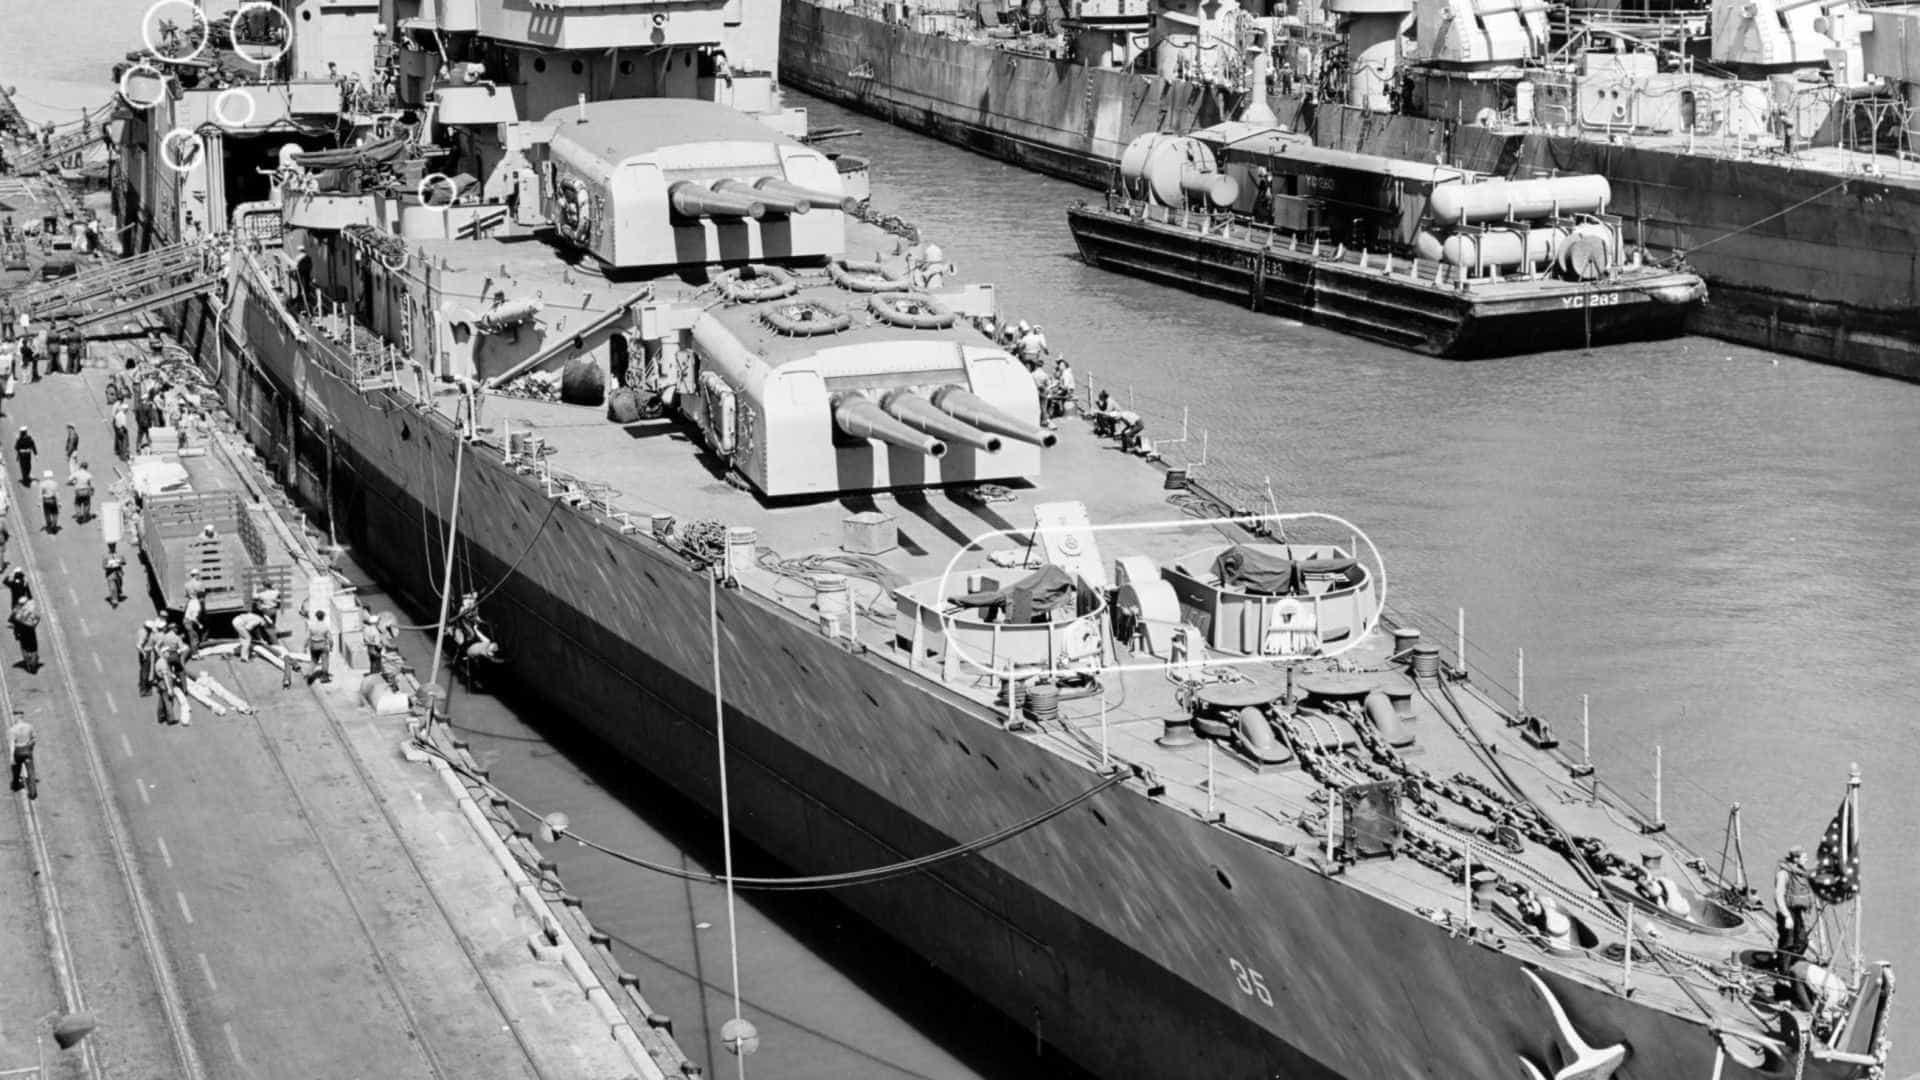 Com saldo de 800 mortes navio é encontrado no fundo do Pacífico